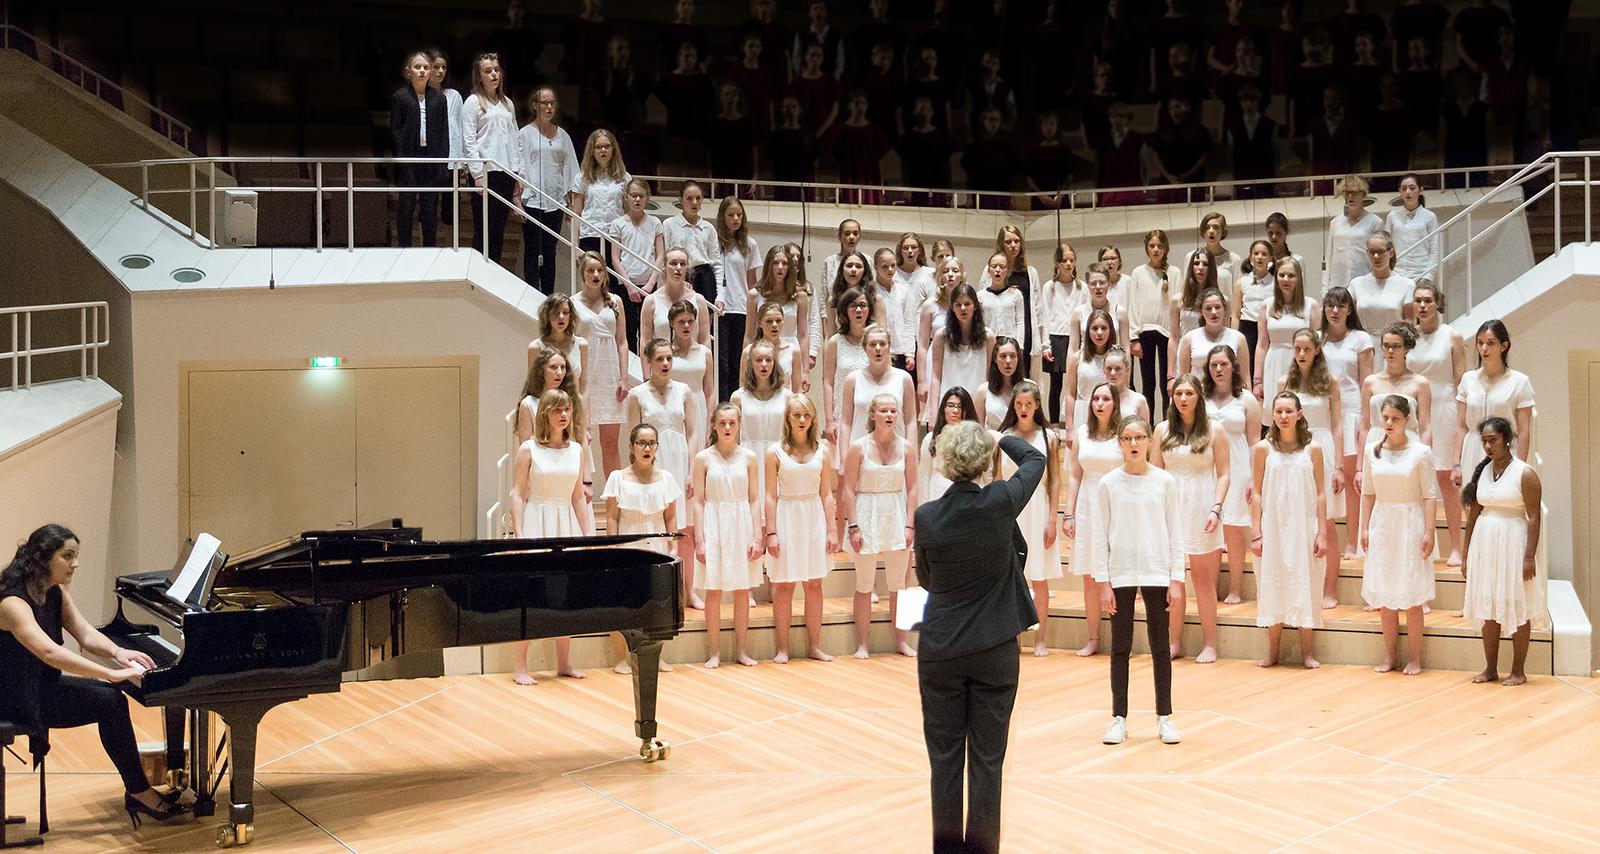 Der Berliner Mädchenchor (Konzertchor und Kleiner Konzertchor) beim Konzert in der Philharmonie Berlin.